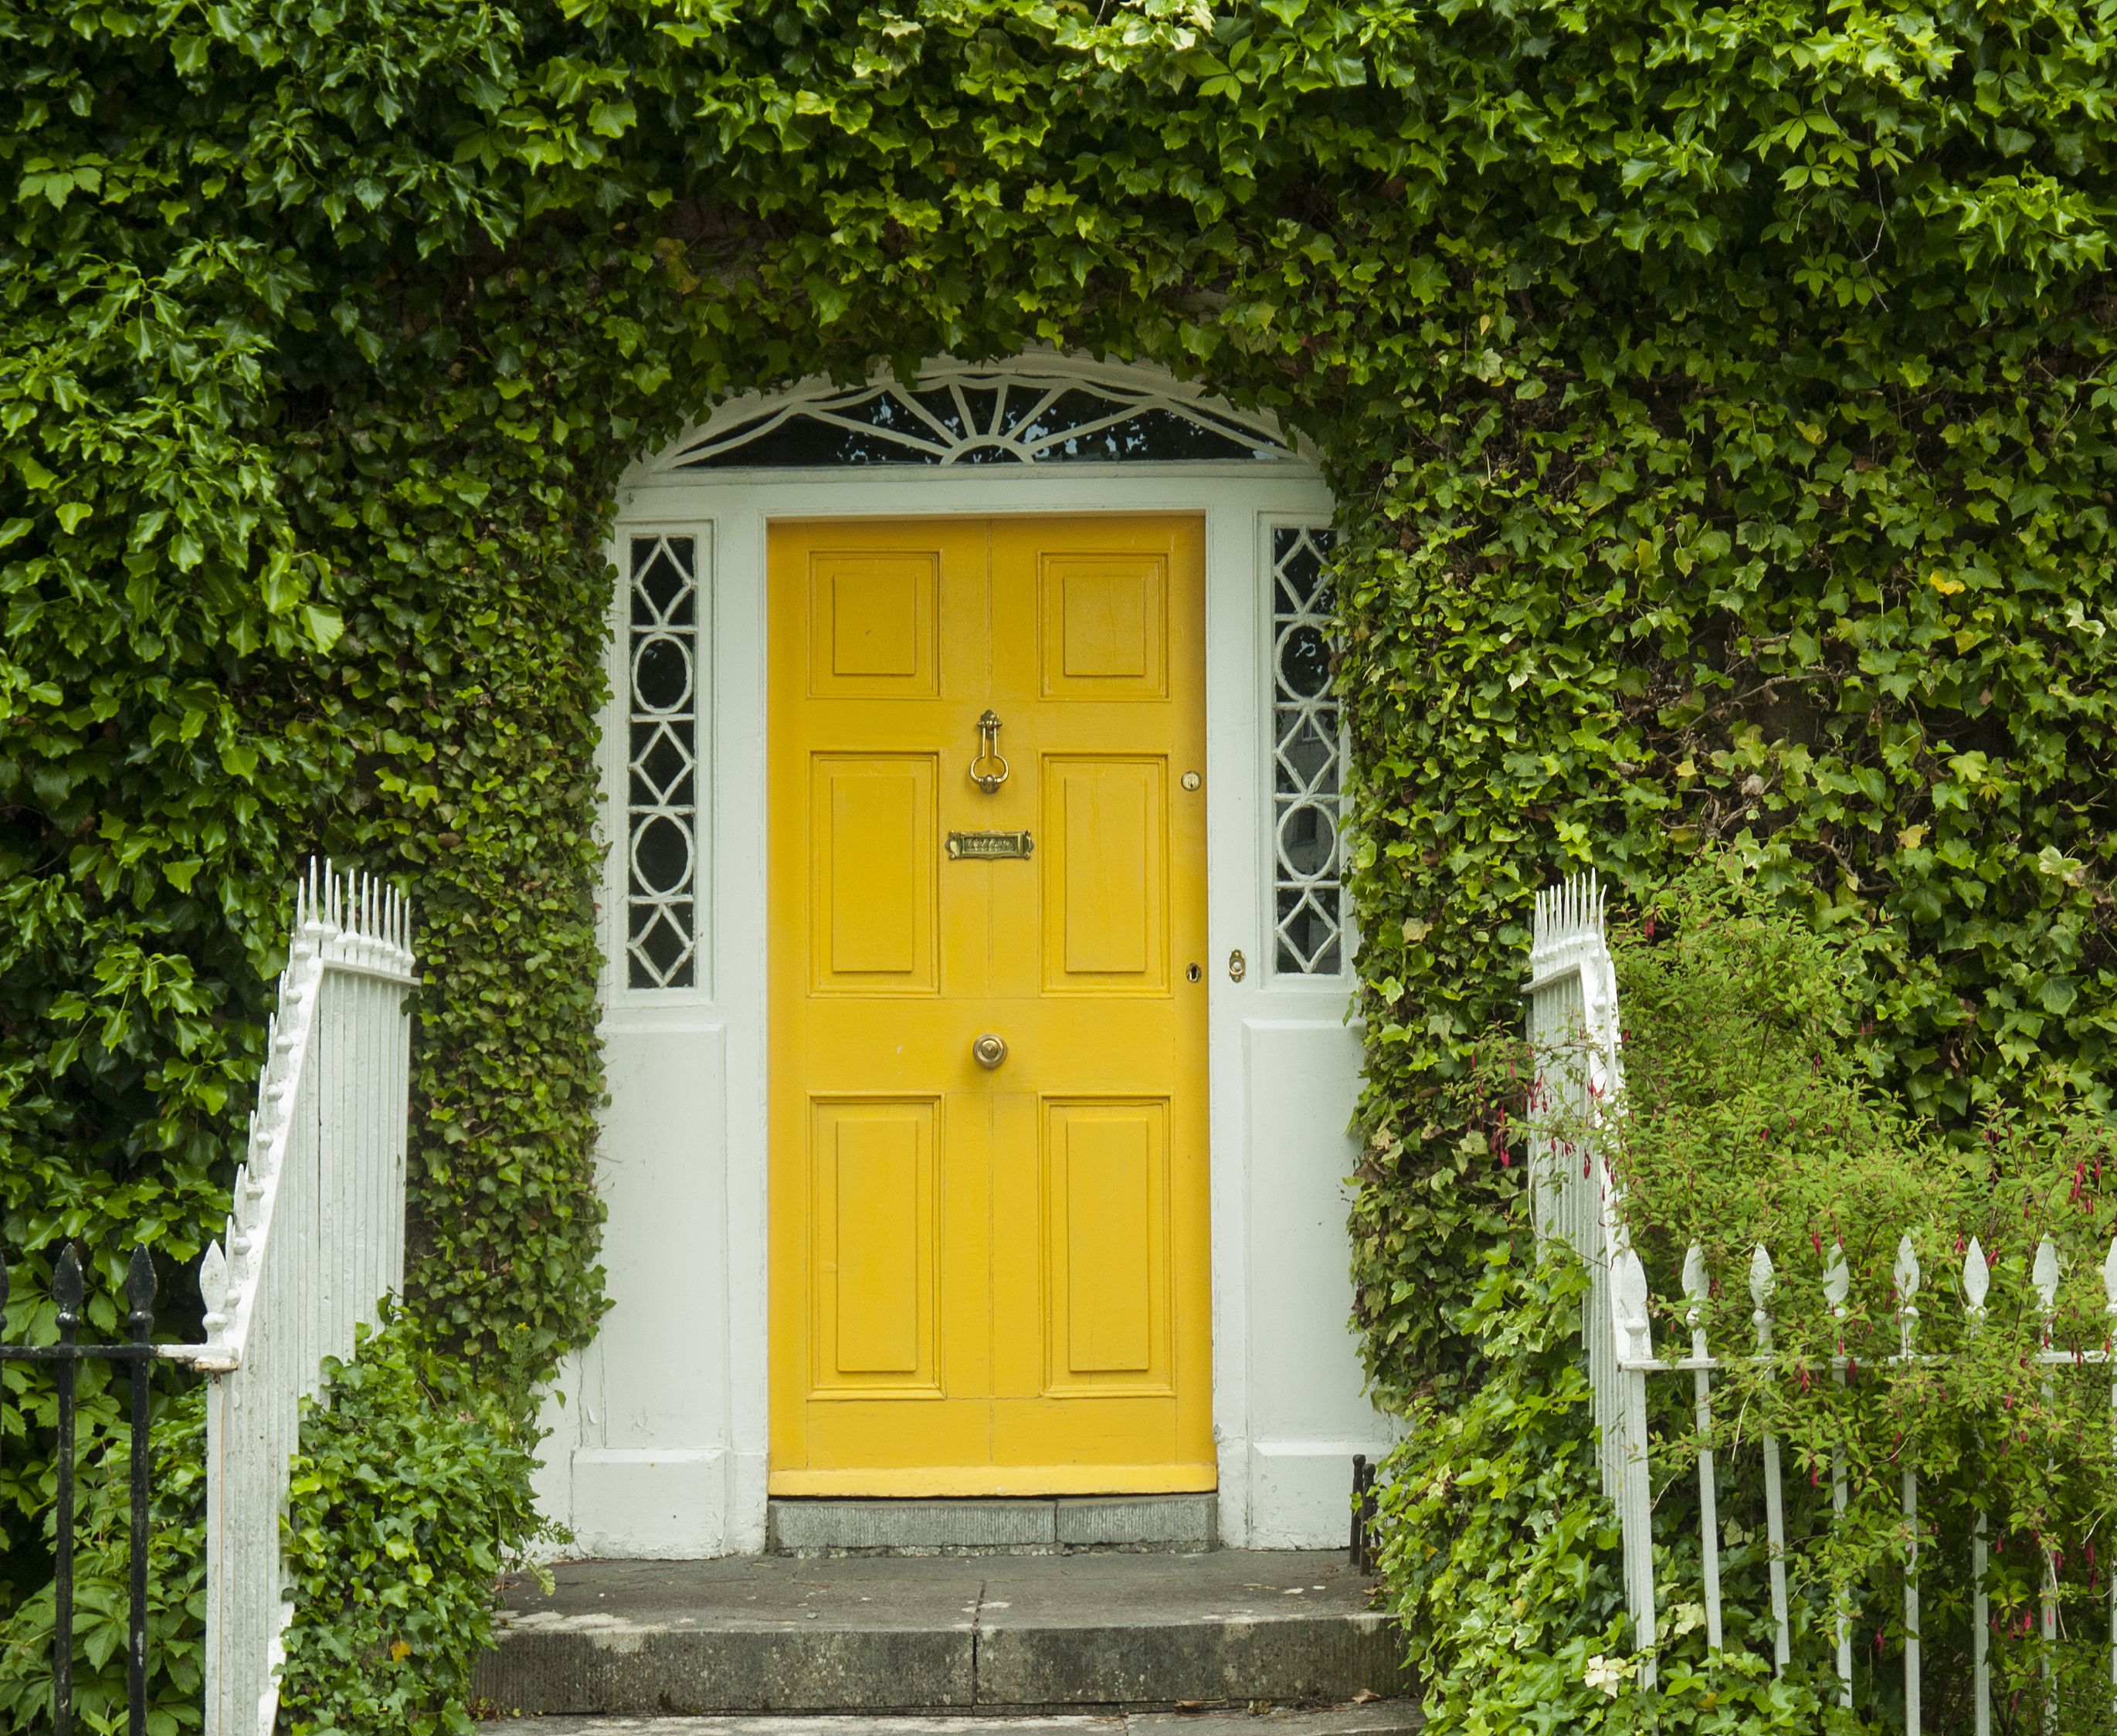 Puerta amarilla con hiedra rodeándola